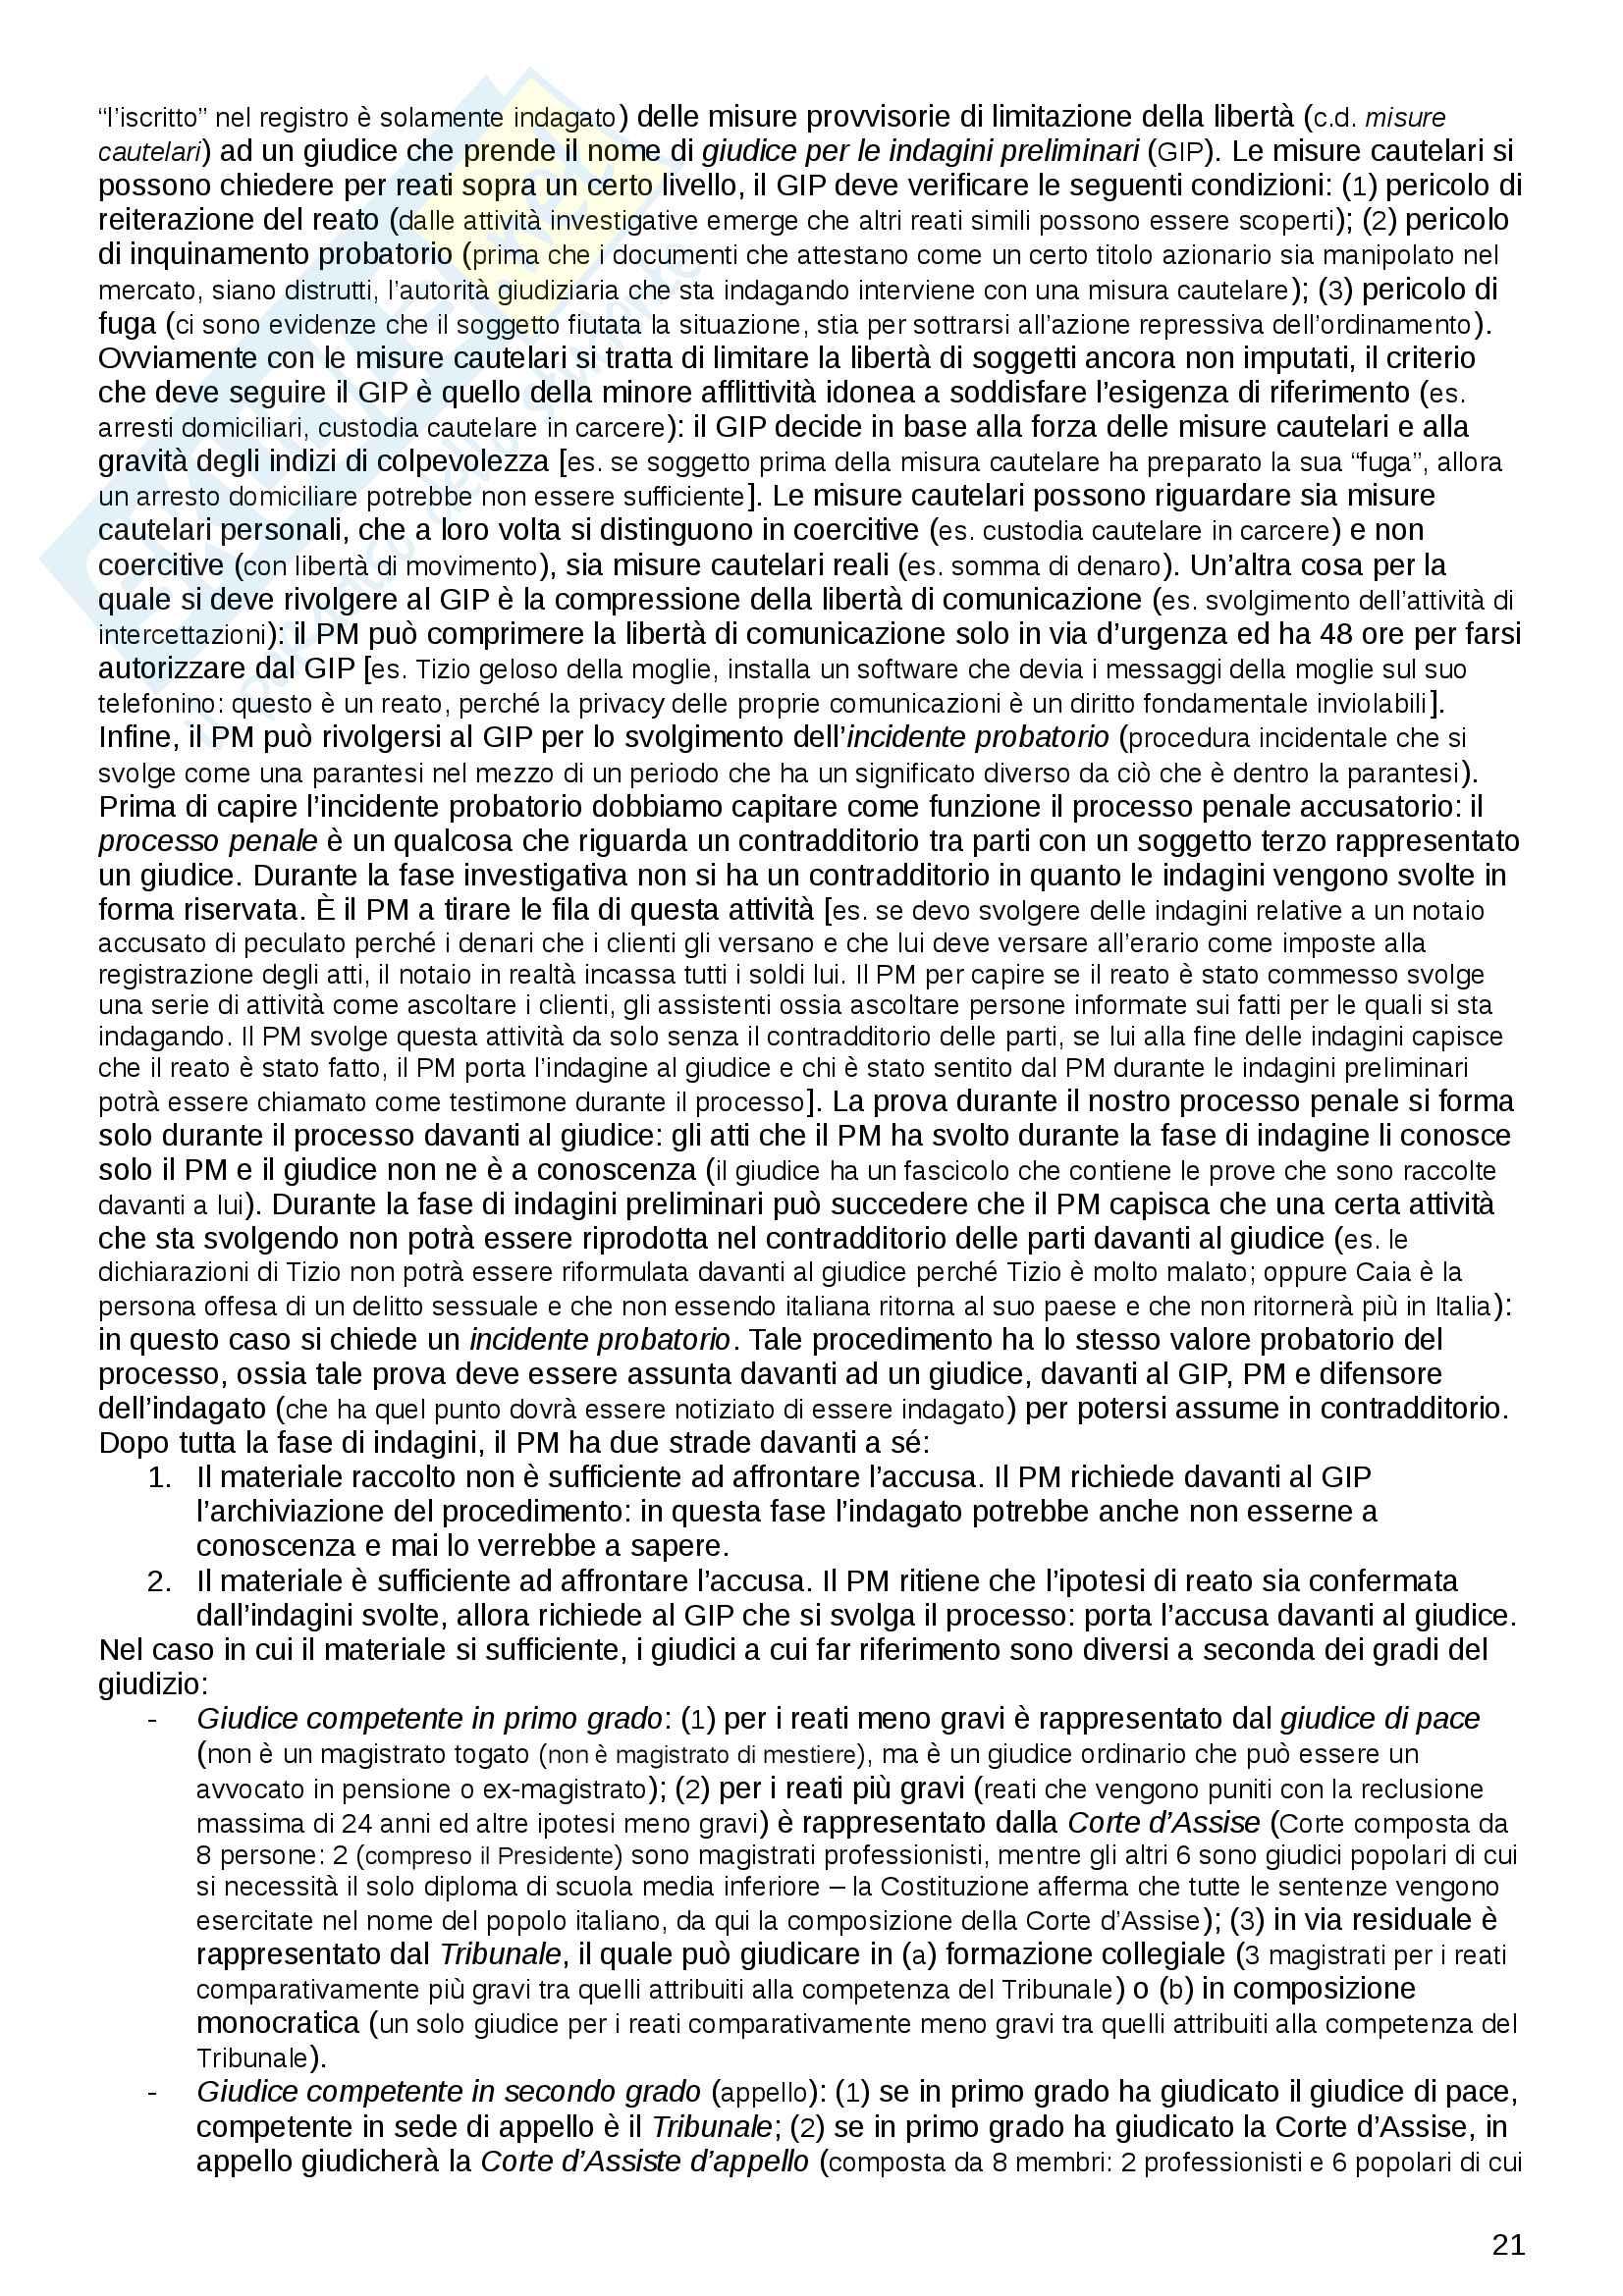 """Riassunto esame Diritto penale commerciale, prof. F. D'Alessandro, libro consigliato """"Diritto penale dell'impresa"""" di Ambrosetti (2012) Pag. 21"""